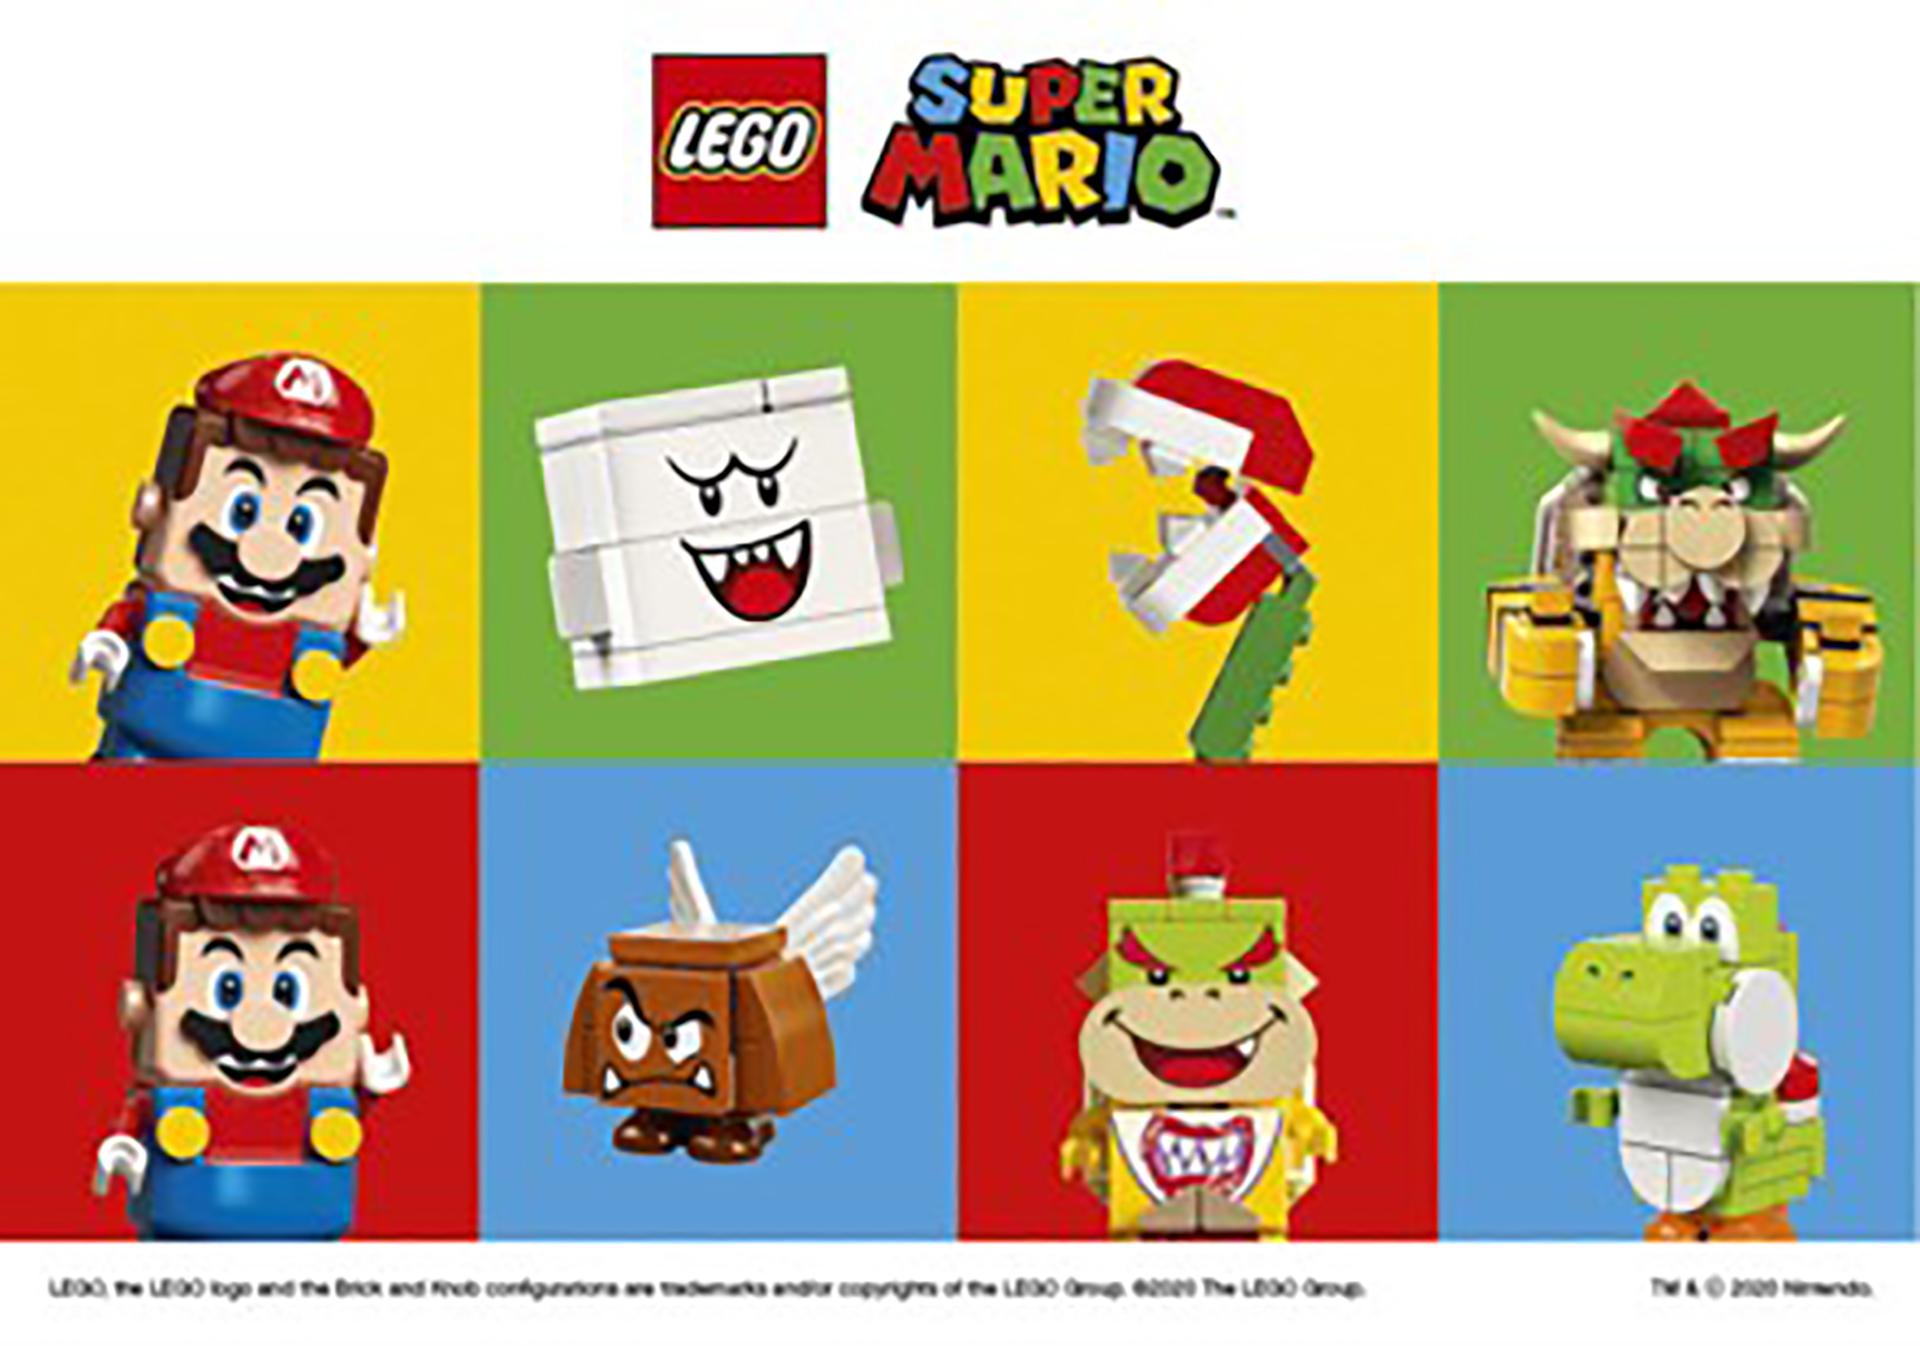 レゴ(R)スーパーマリオTM 大ぼうけんギャラリーin ららぽーと・ラゾーナ